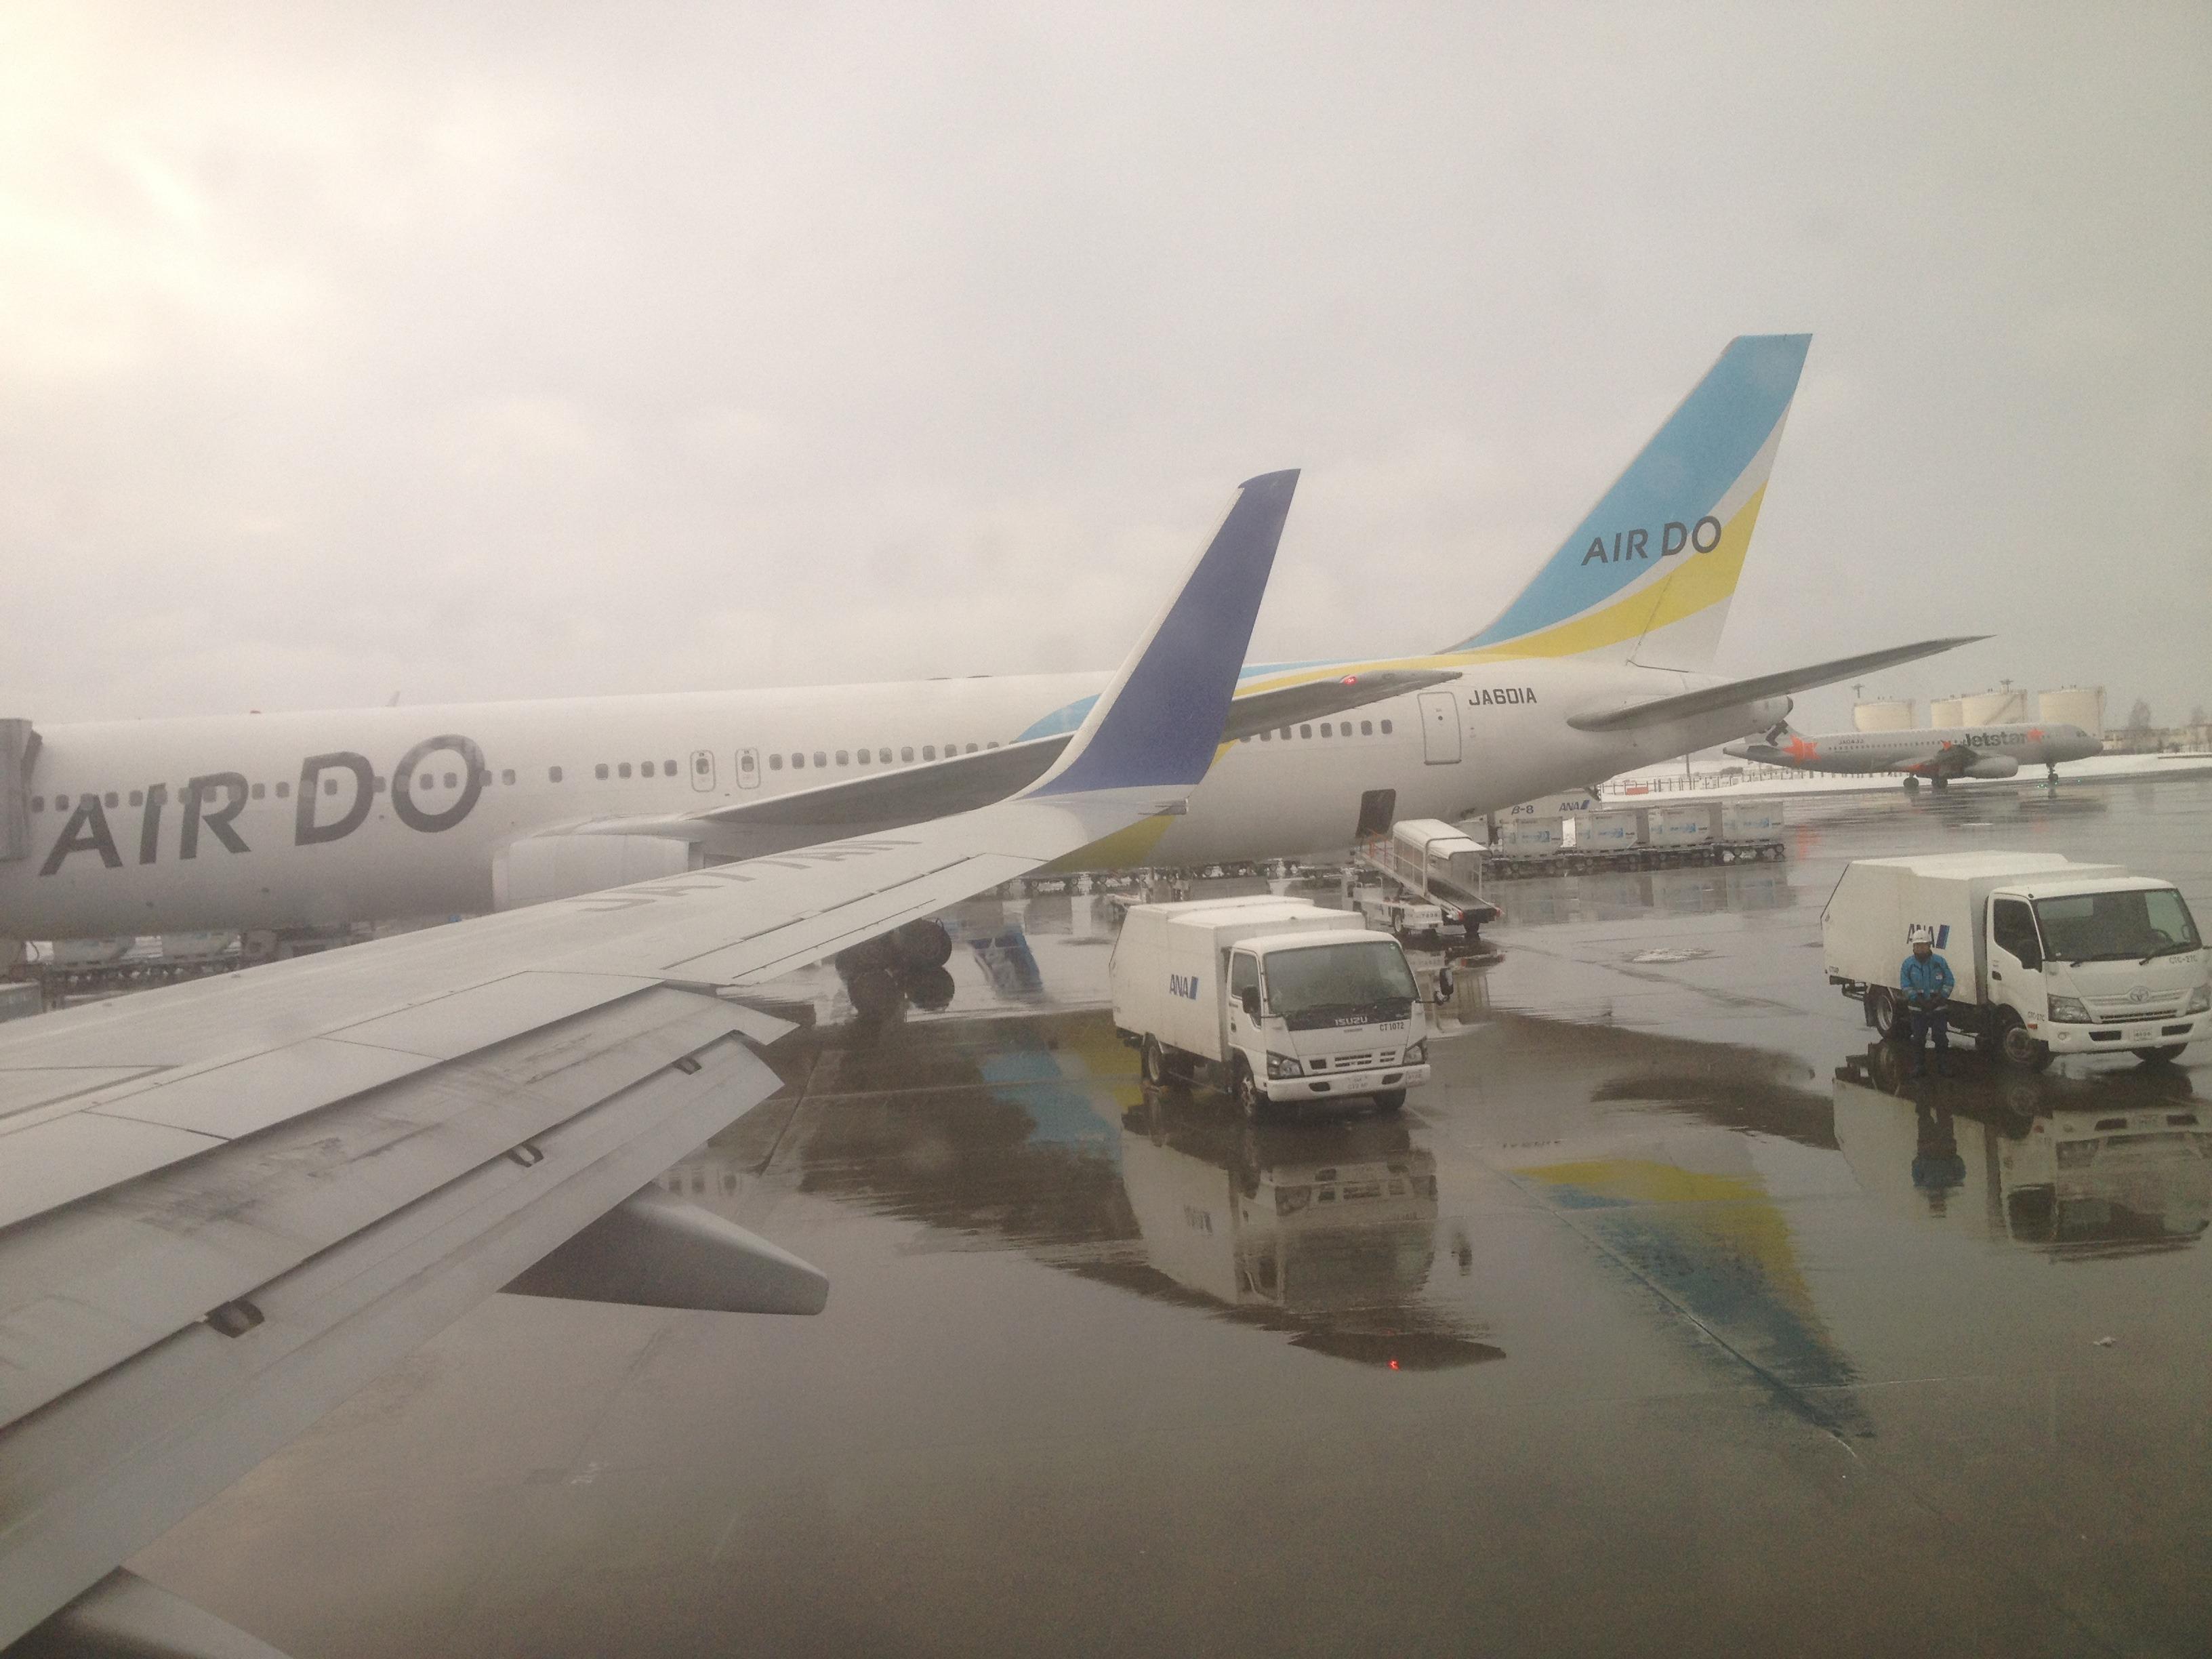 ANA 伊丹-新千歳 ANA775便: ヒコーキ飛んだ